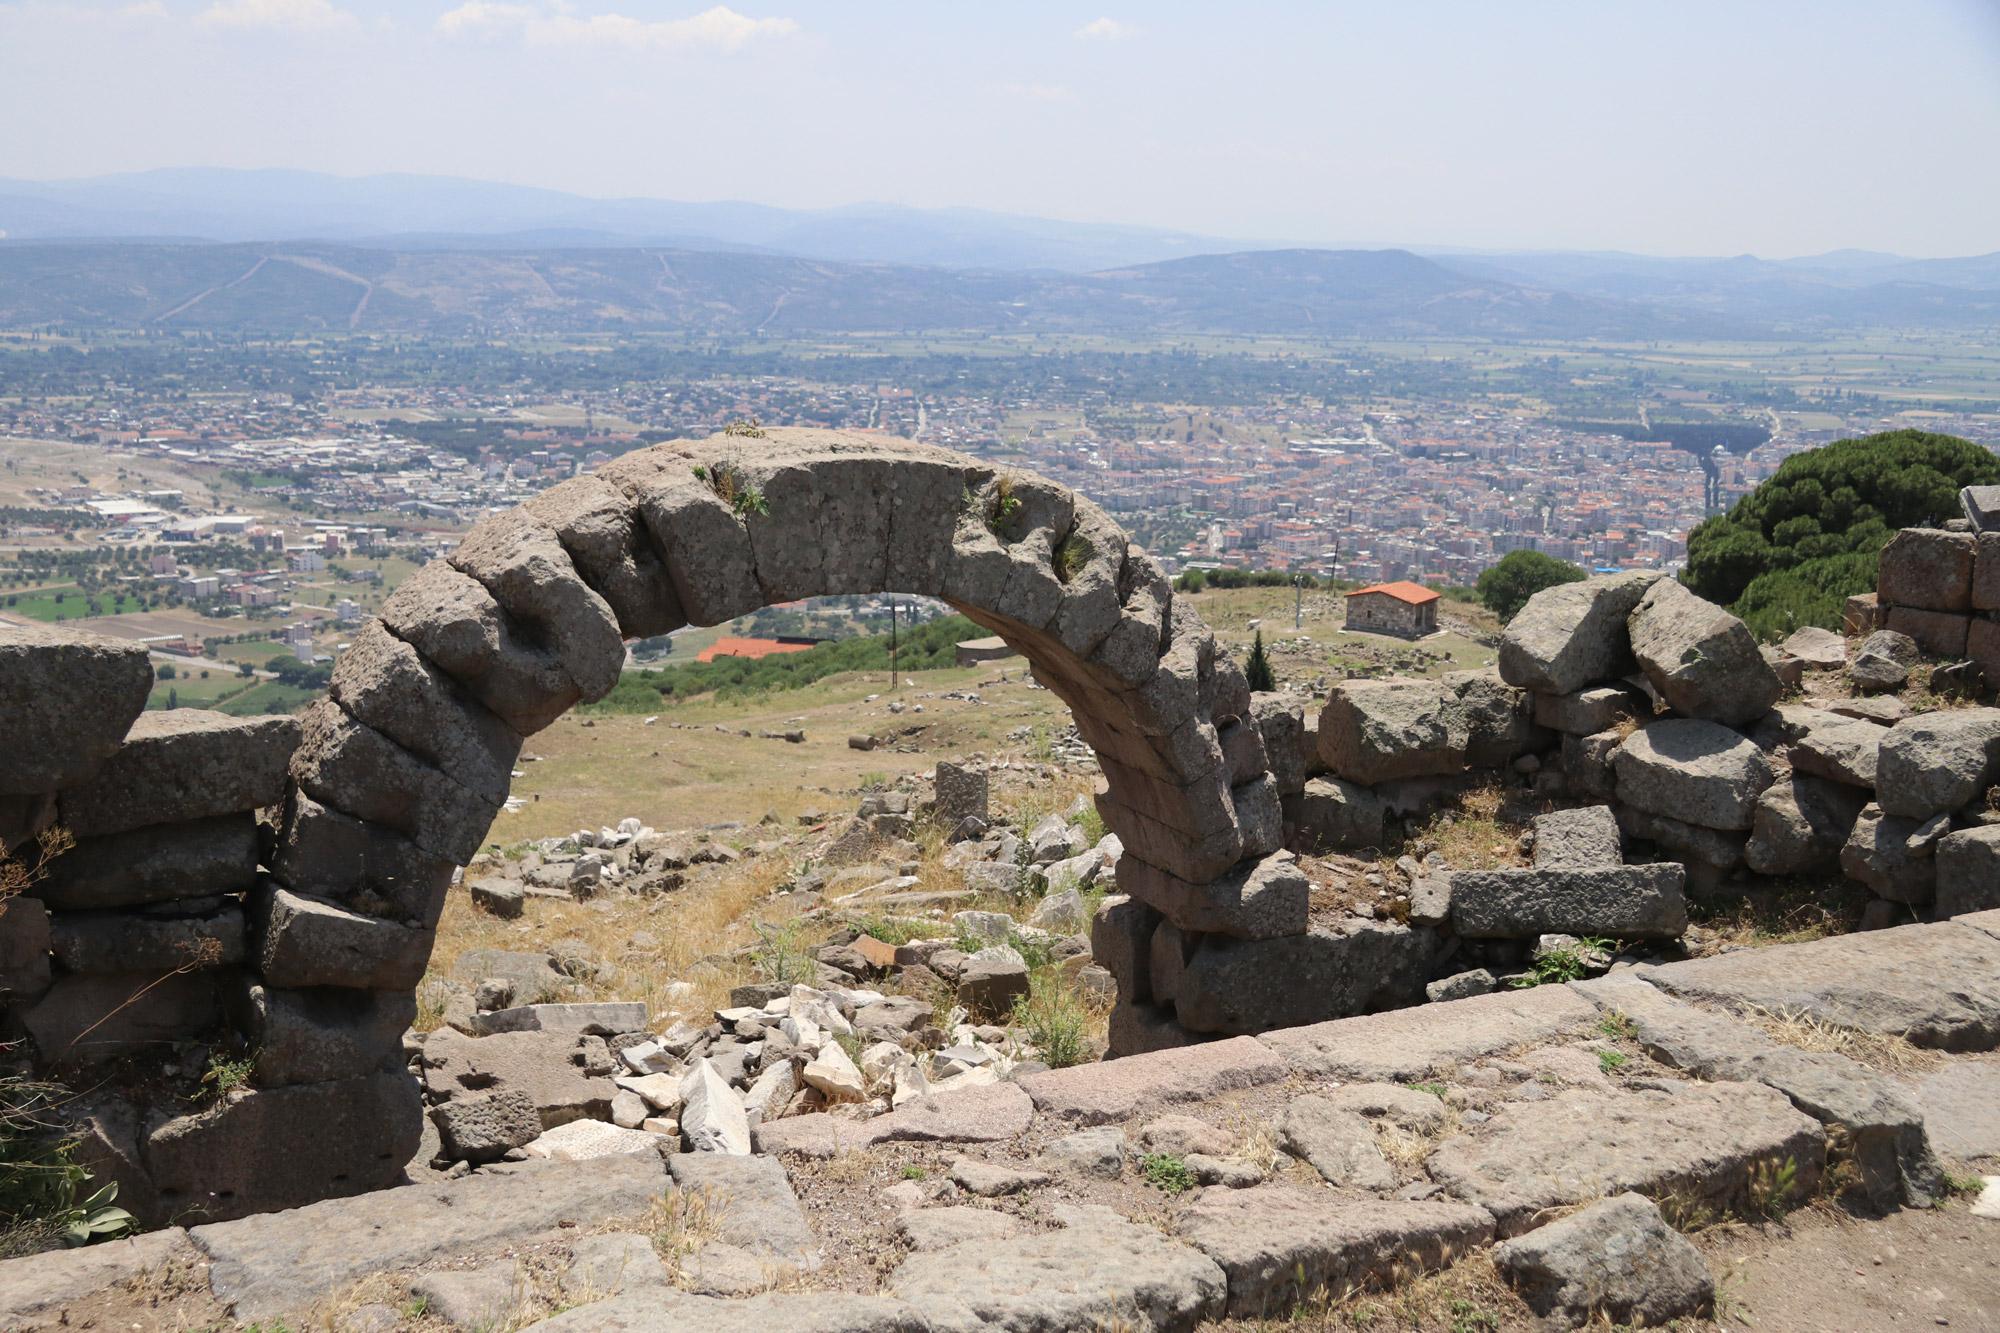 Turkije reisverslag: Bergama en Ayvalik - Uitzicht op de nieuwe stad van Bergama